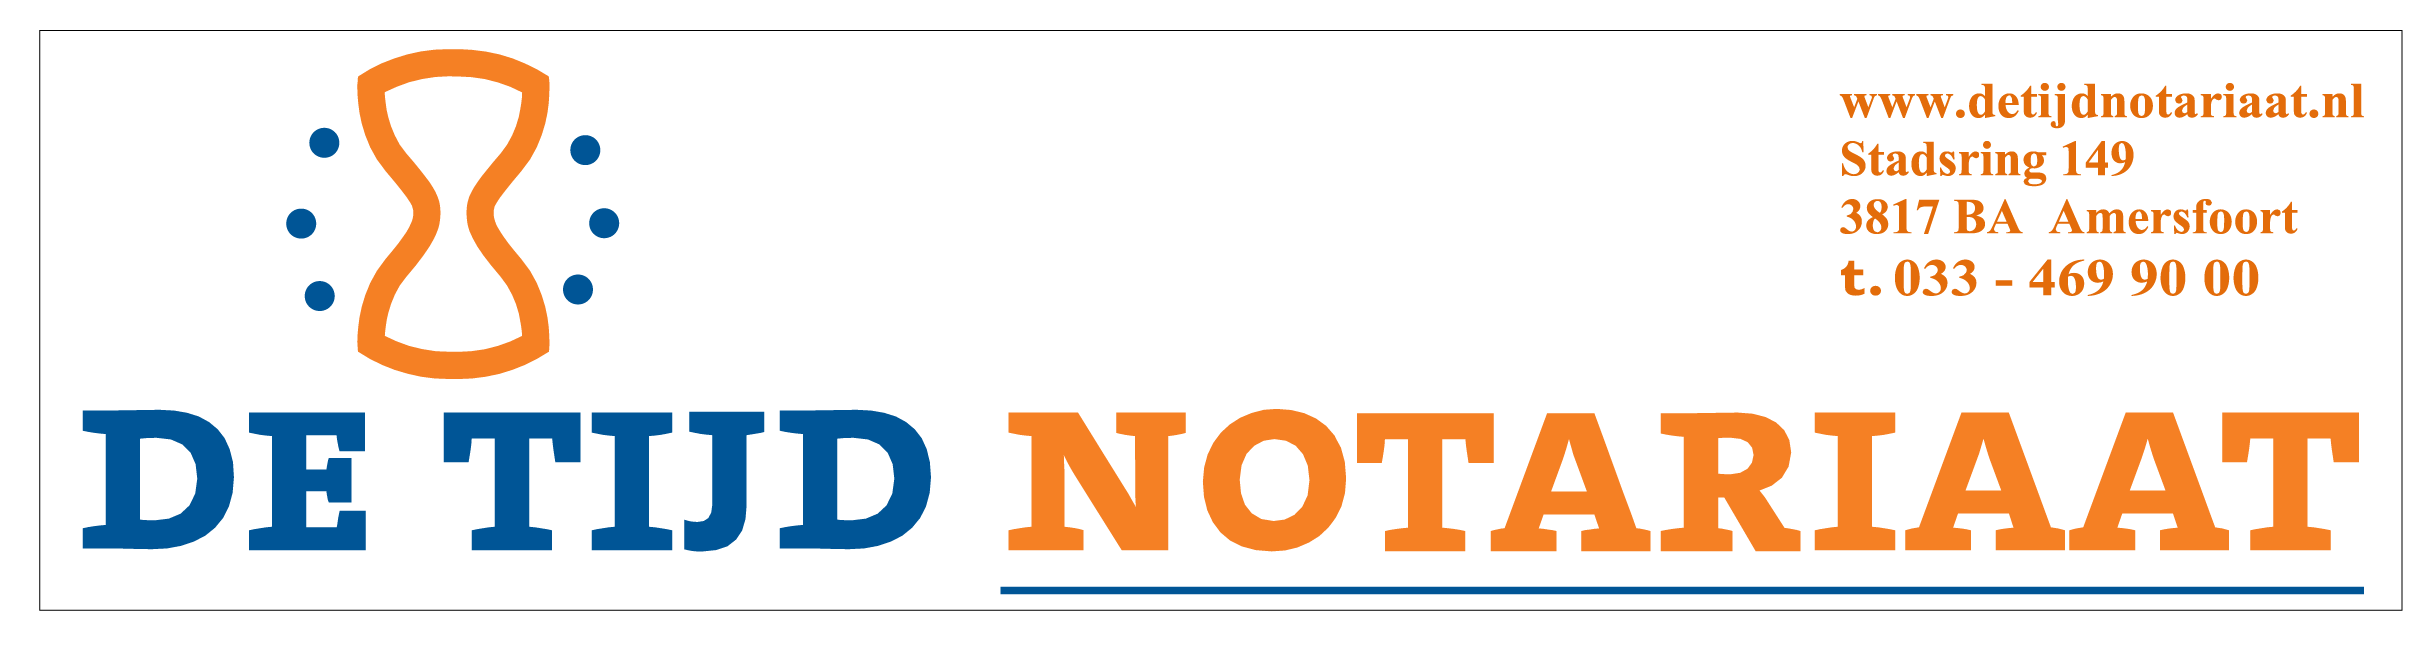 bord-De-Tijd-Notariaat-01